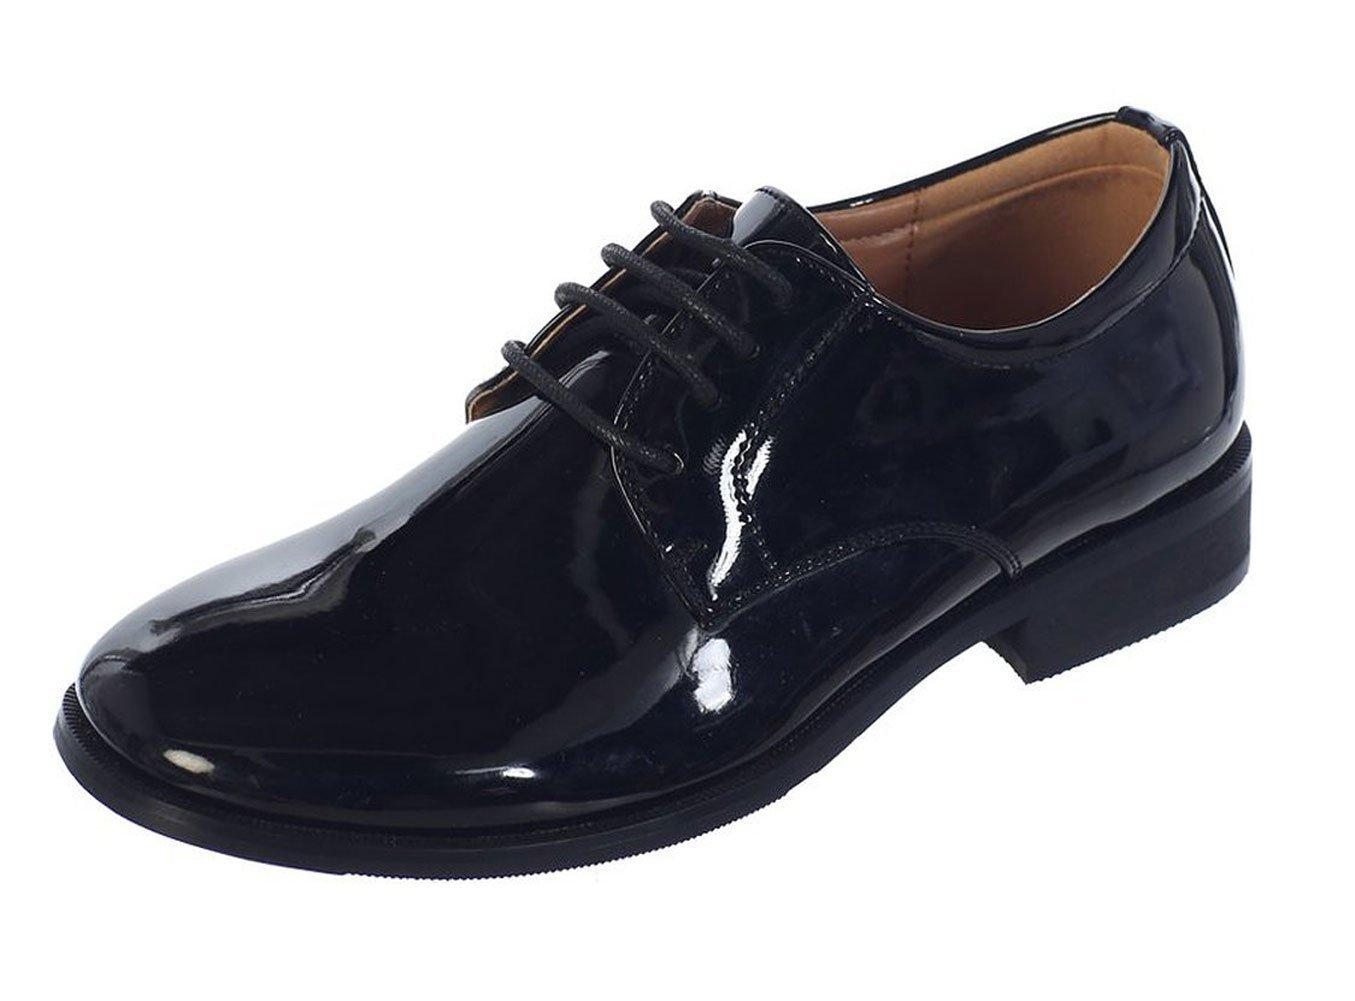 Avery Hill Boys Shiny Or Shiny Patent Leather Shoes Bk Shiny BigKid 1Y